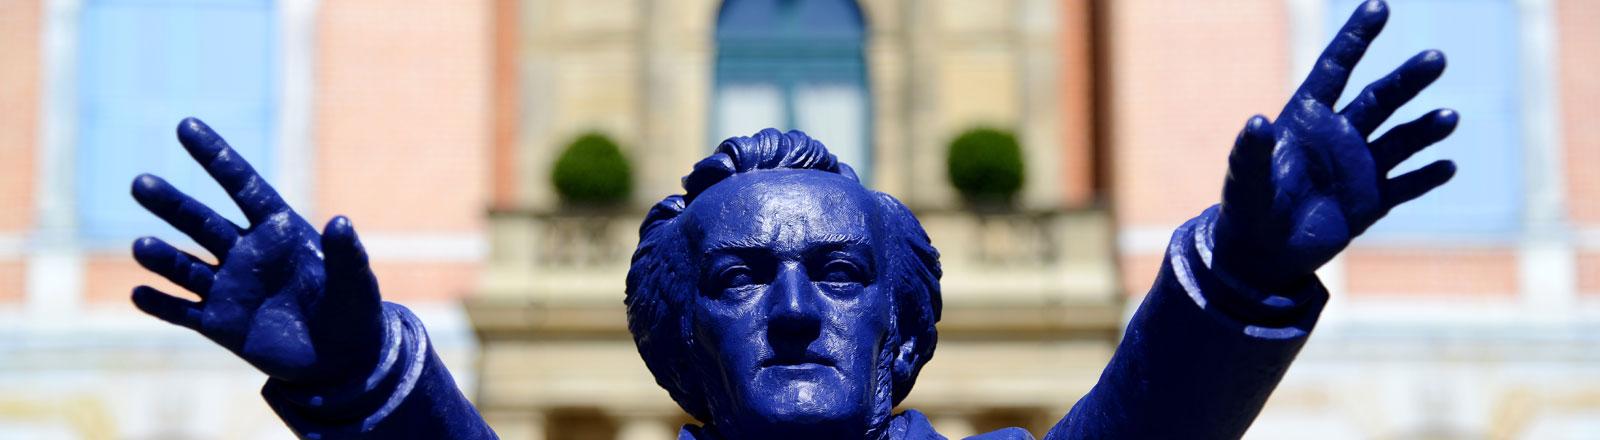 Eine Richard Wagner Statue vor dem Festspielhaus in Bayreuth.